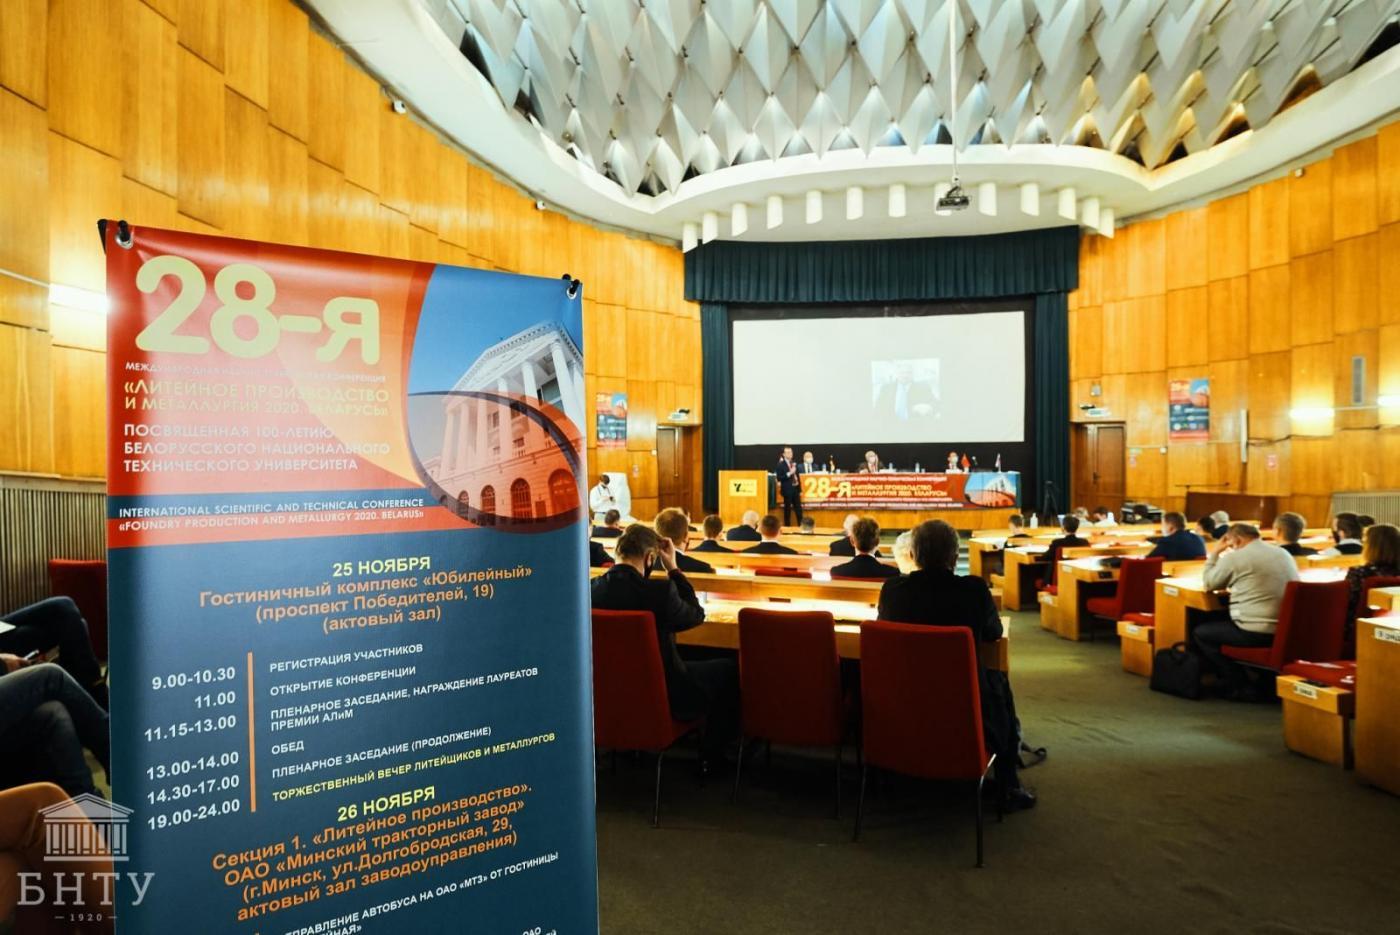 Открытие Международной научно-технической конференции «Литейное производство и металлургия», приуроченной к 100-летию БНТУ